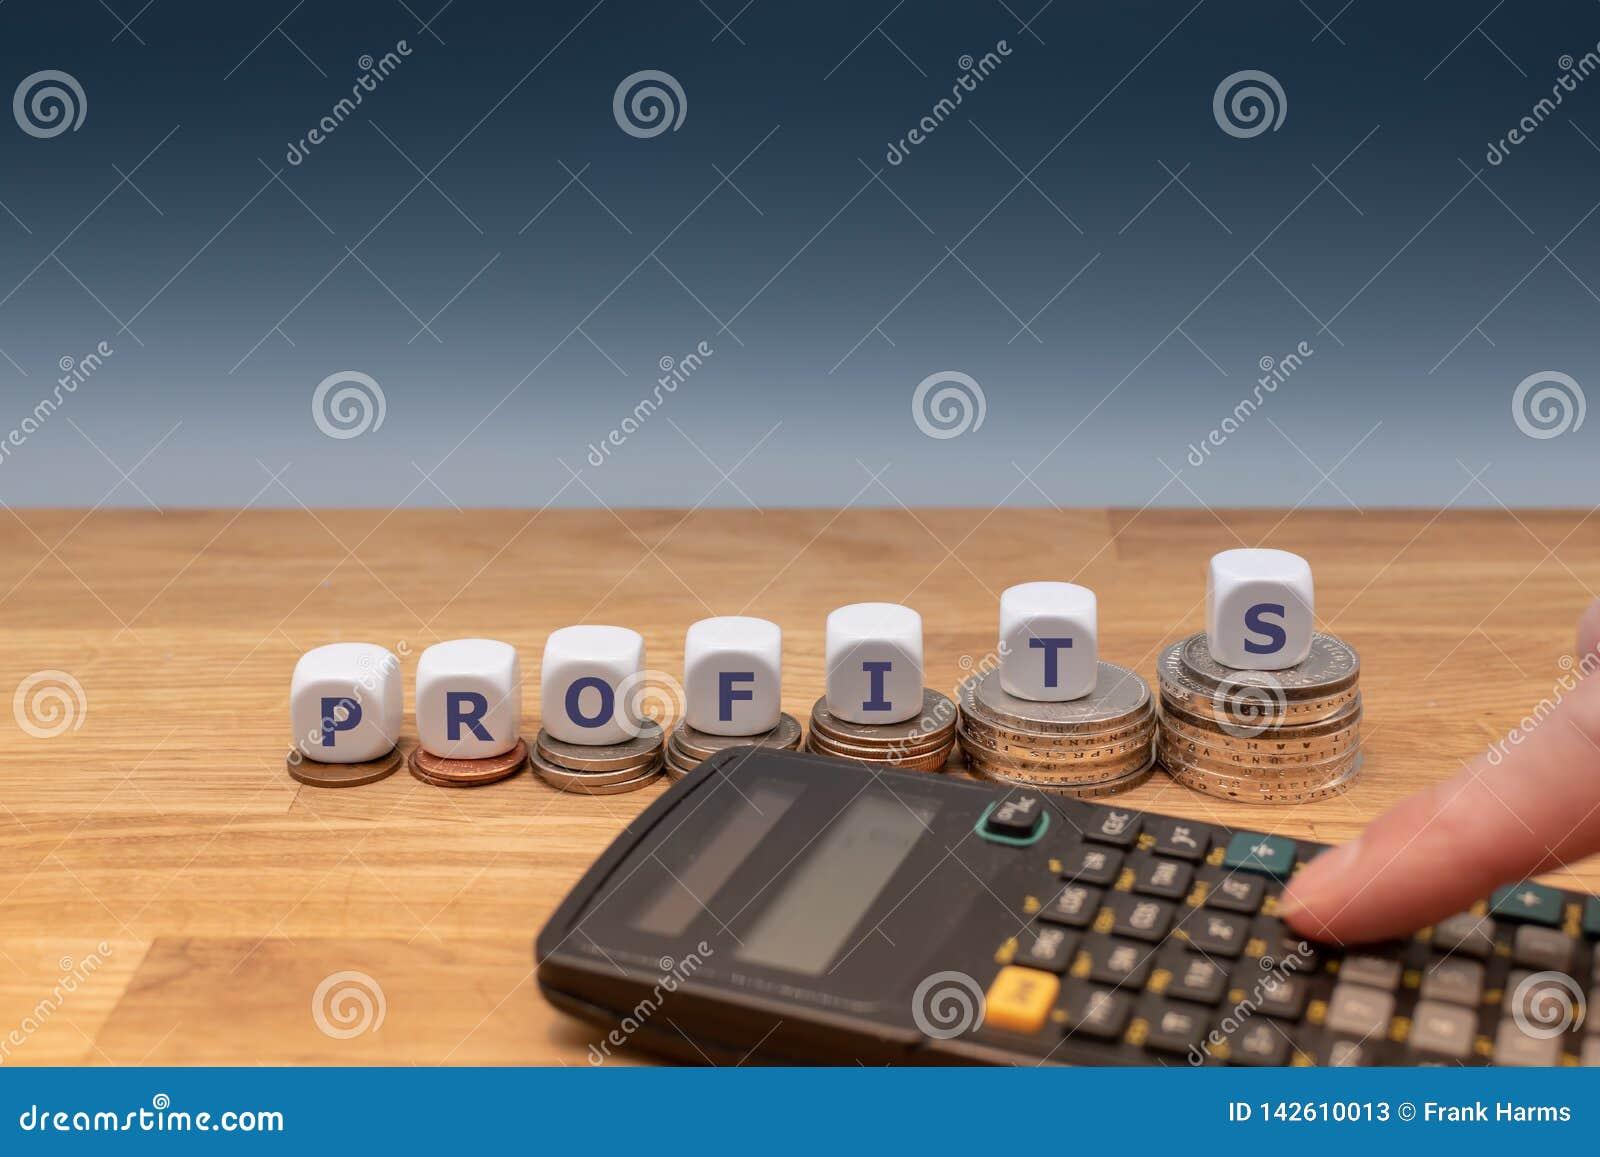 Symbole pour des bénéfices croissants